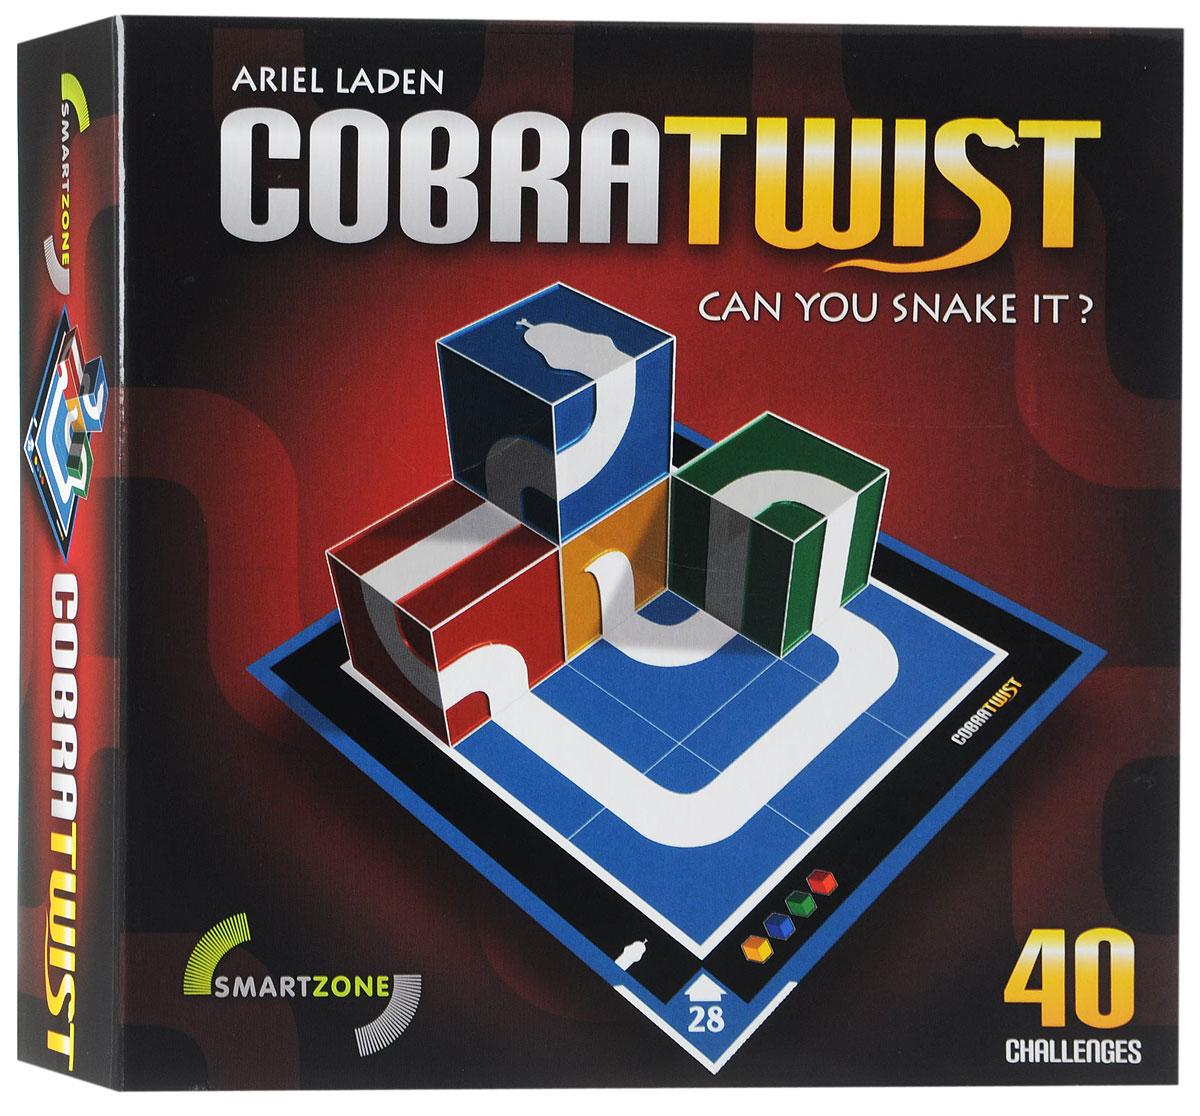 Smartzone Настольная игра Кобра-ТвистУТ000002381Отличная настольная игра Smartzone Кобра-Твист, сочетающая в себе логику и пространственное мышление. Цель игры - составлять объемных змей, выкладывая кубики на игровые карточки в правильном порядке. На каждой карточке уже нарисована часть змеи, вам остается заполнить пустые места кубиками так, чтобы у змеи были голова, тело и хвост. Все задания имеют решения. У некоторых заданий несколько решений. По мере необходимости, сверяйте ваши решения с решениями в конце буклета. 40 заданий четырех уровней сложности заставят вас поломать голову. Желаем удачи!